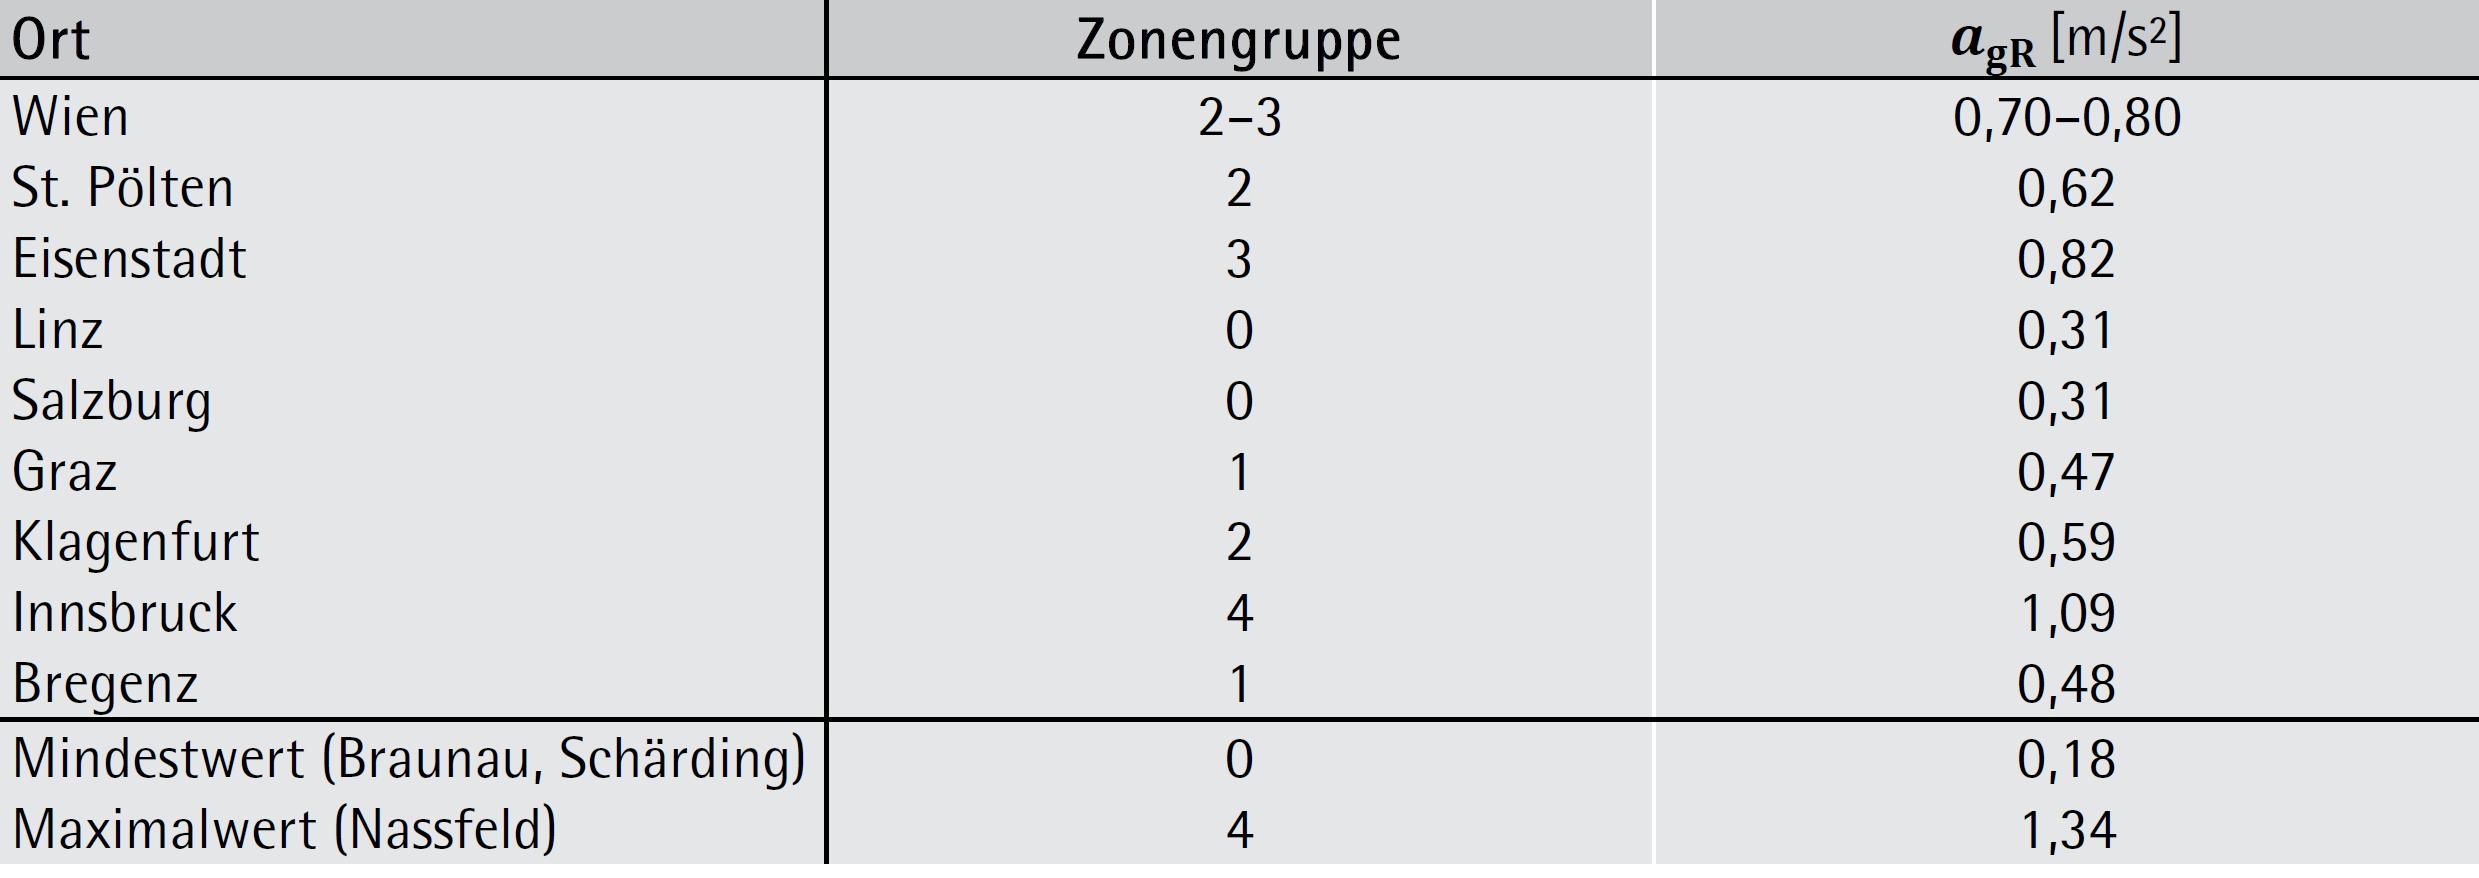 Erdbebenzonen und Referenzbodenbeschleunigung österreichischer Landeshauptstädte – ÖNORM B 1998-1